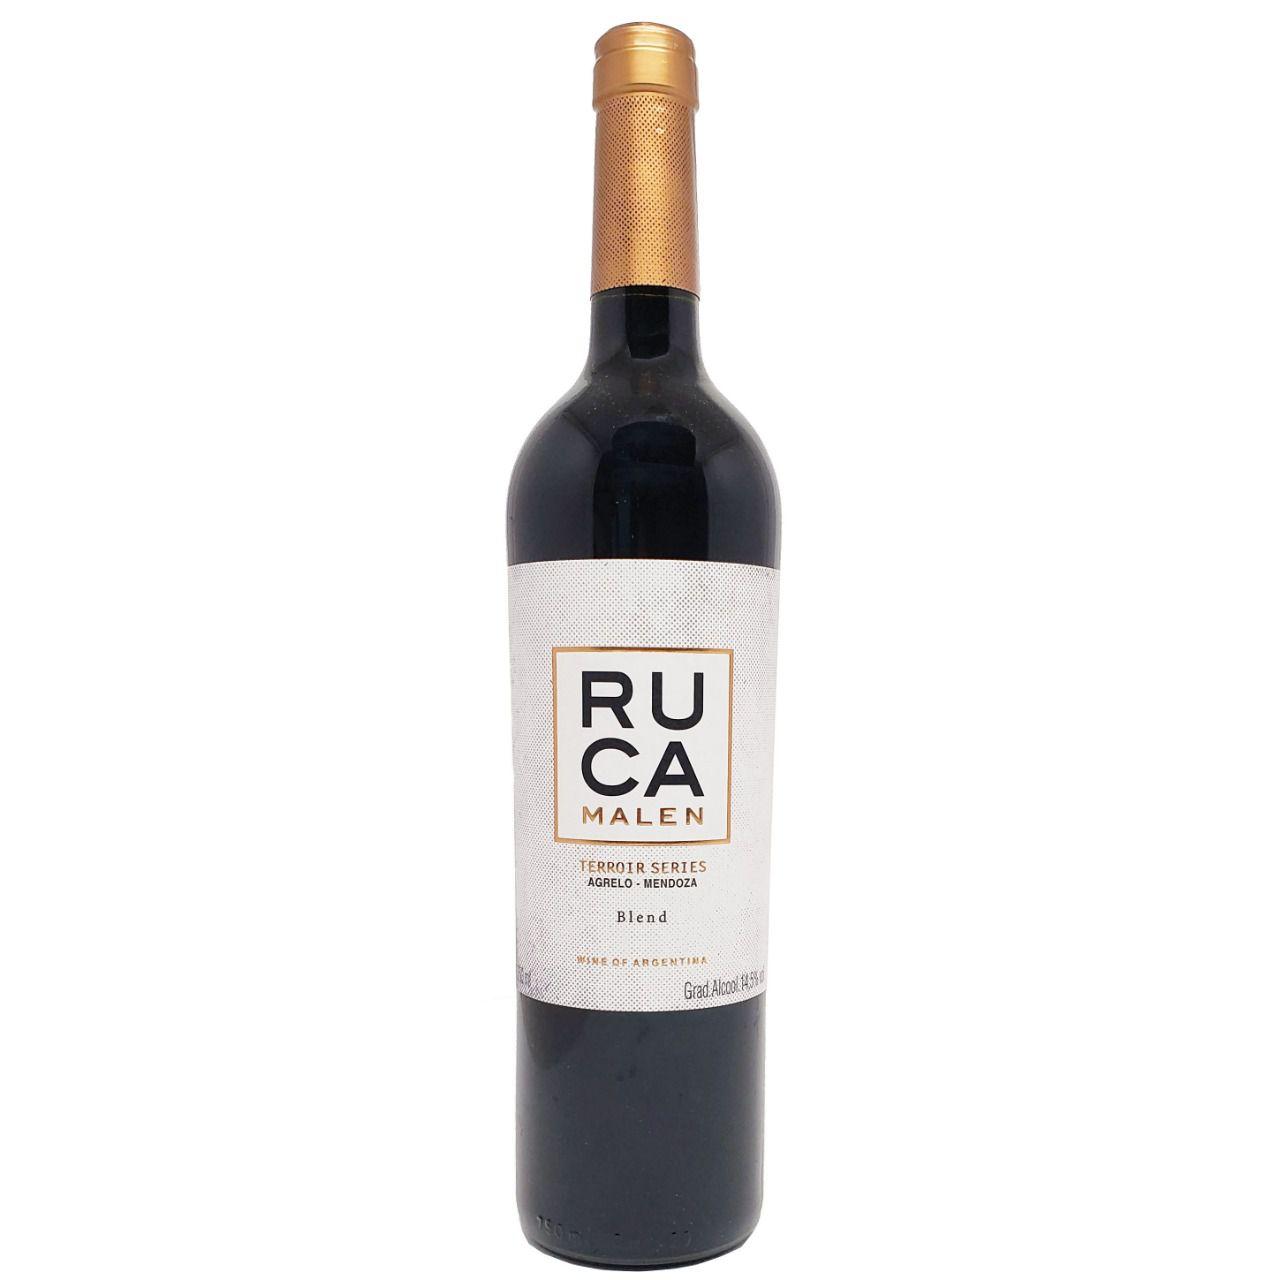 Vinho Tinto Ruca Malen Terroir Series Blend - 750ml -